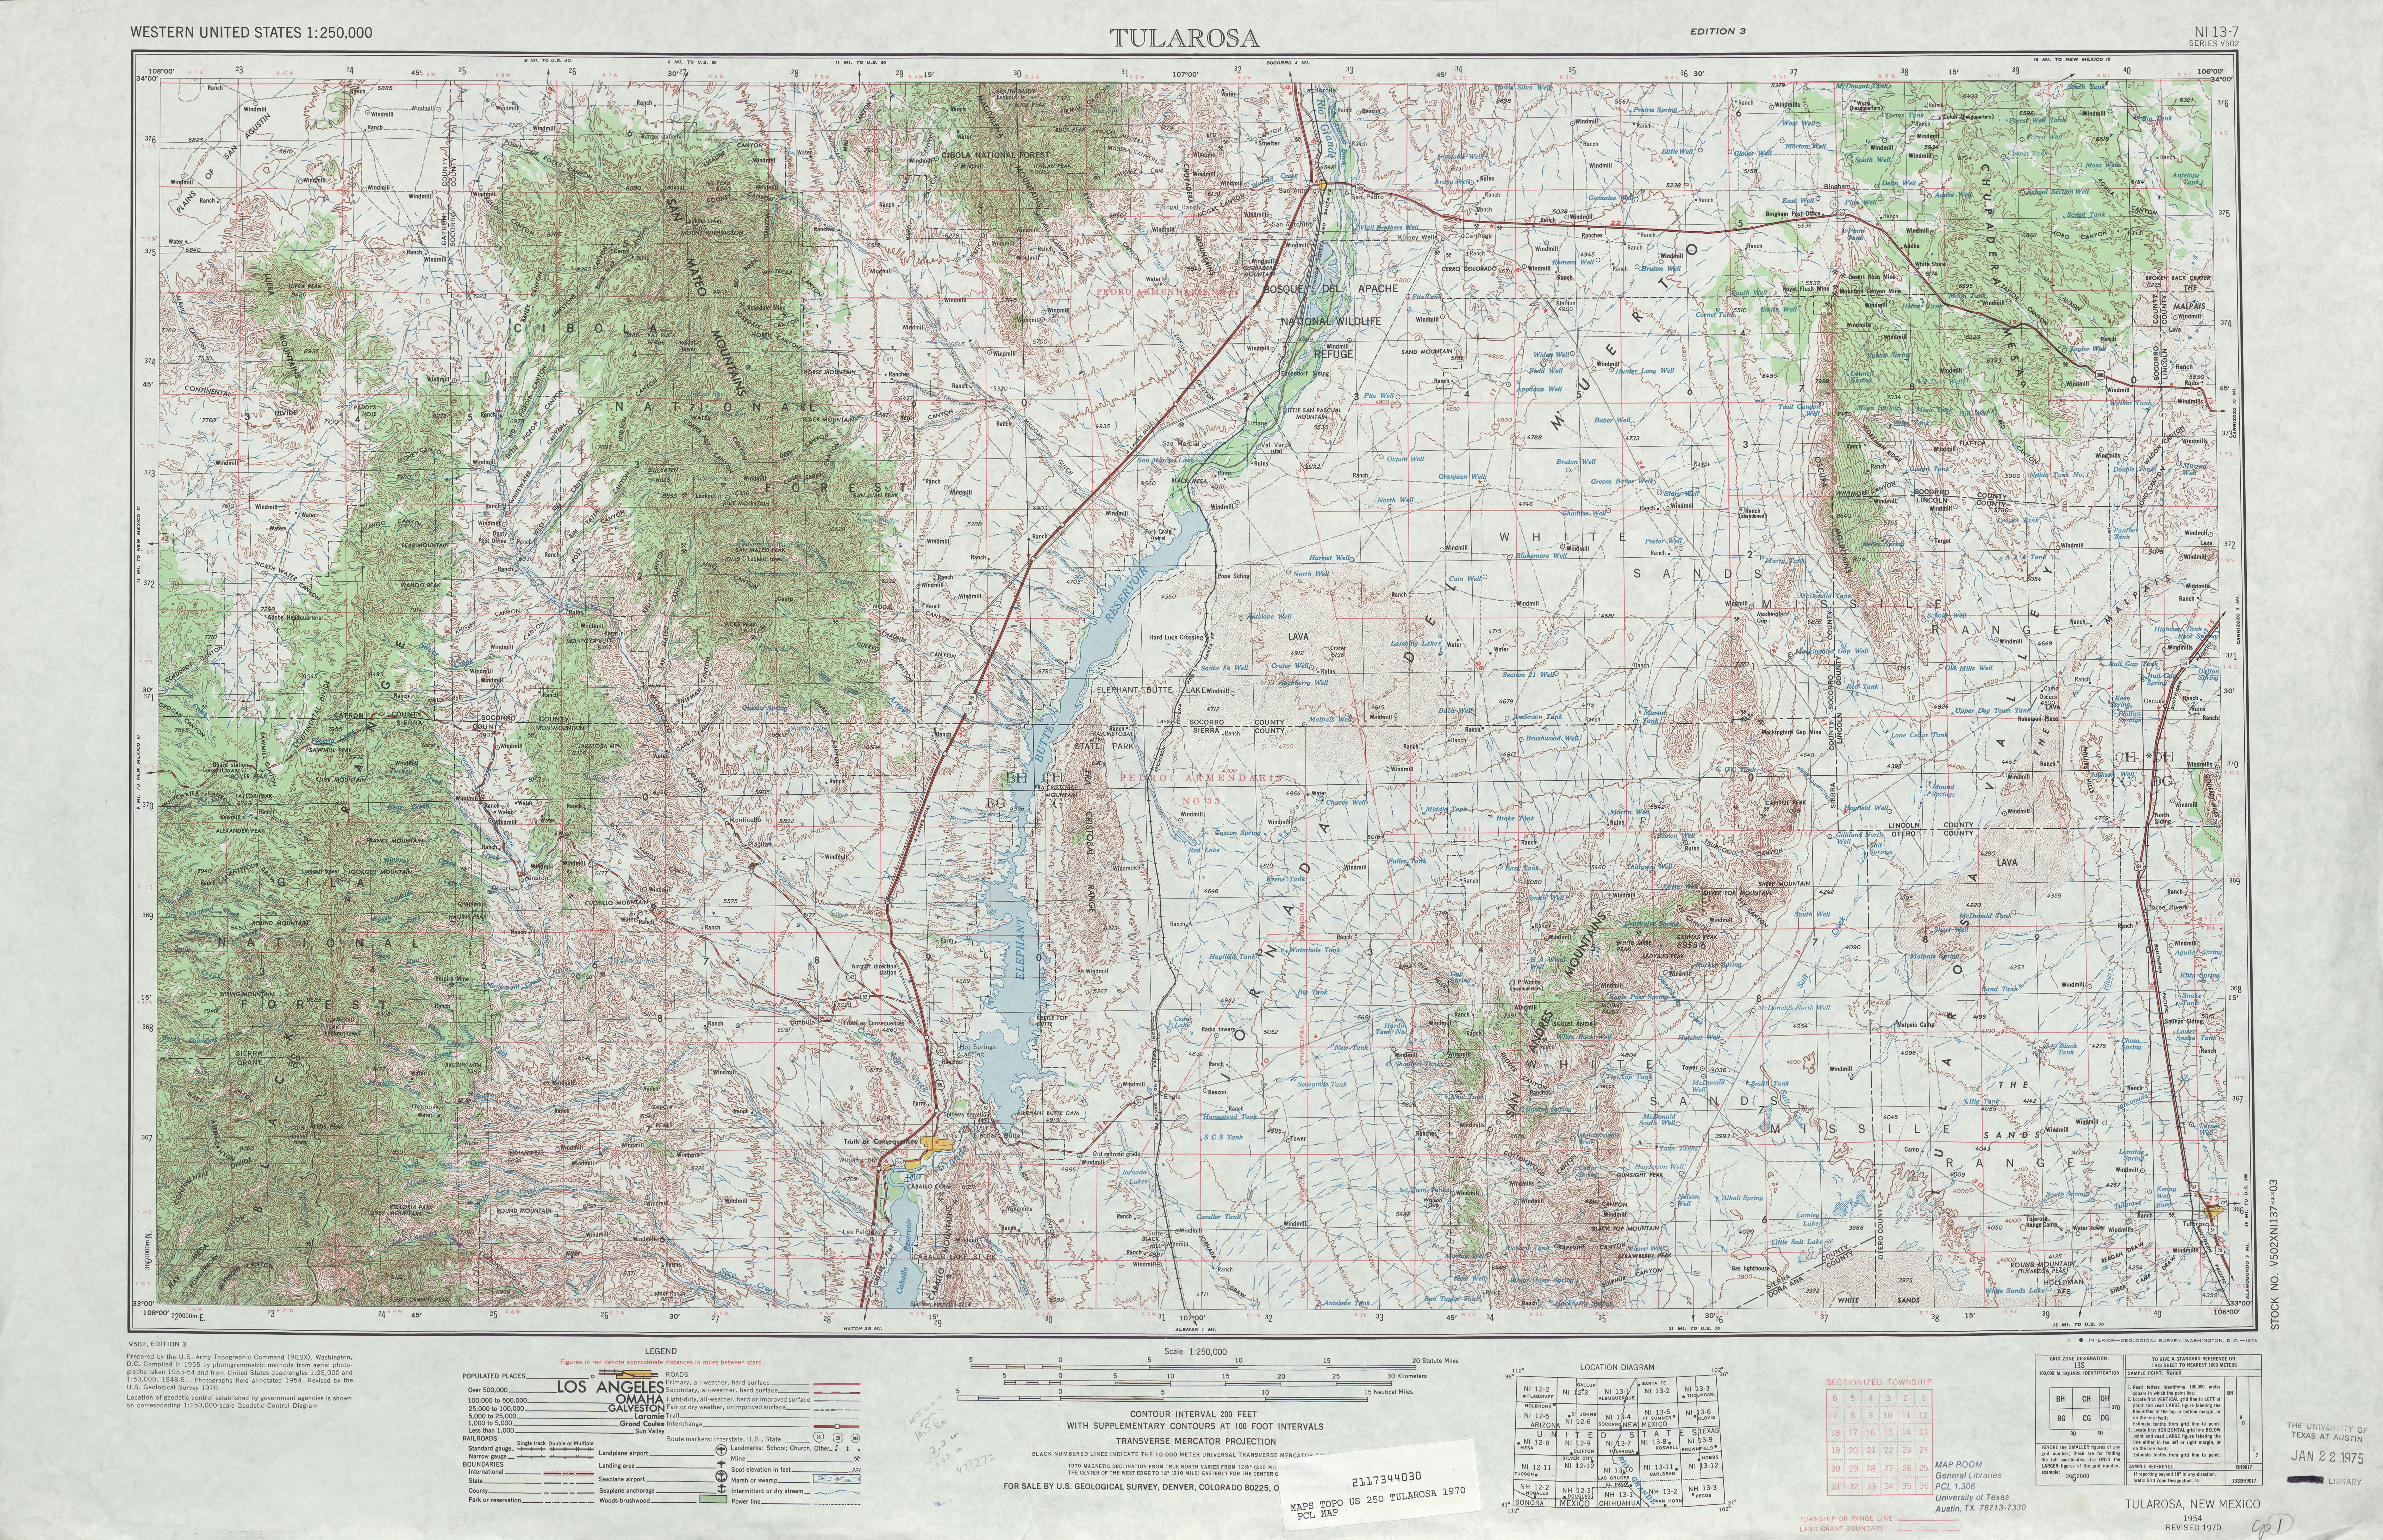 Tularosa Topographic Map Sheet, United States 1970